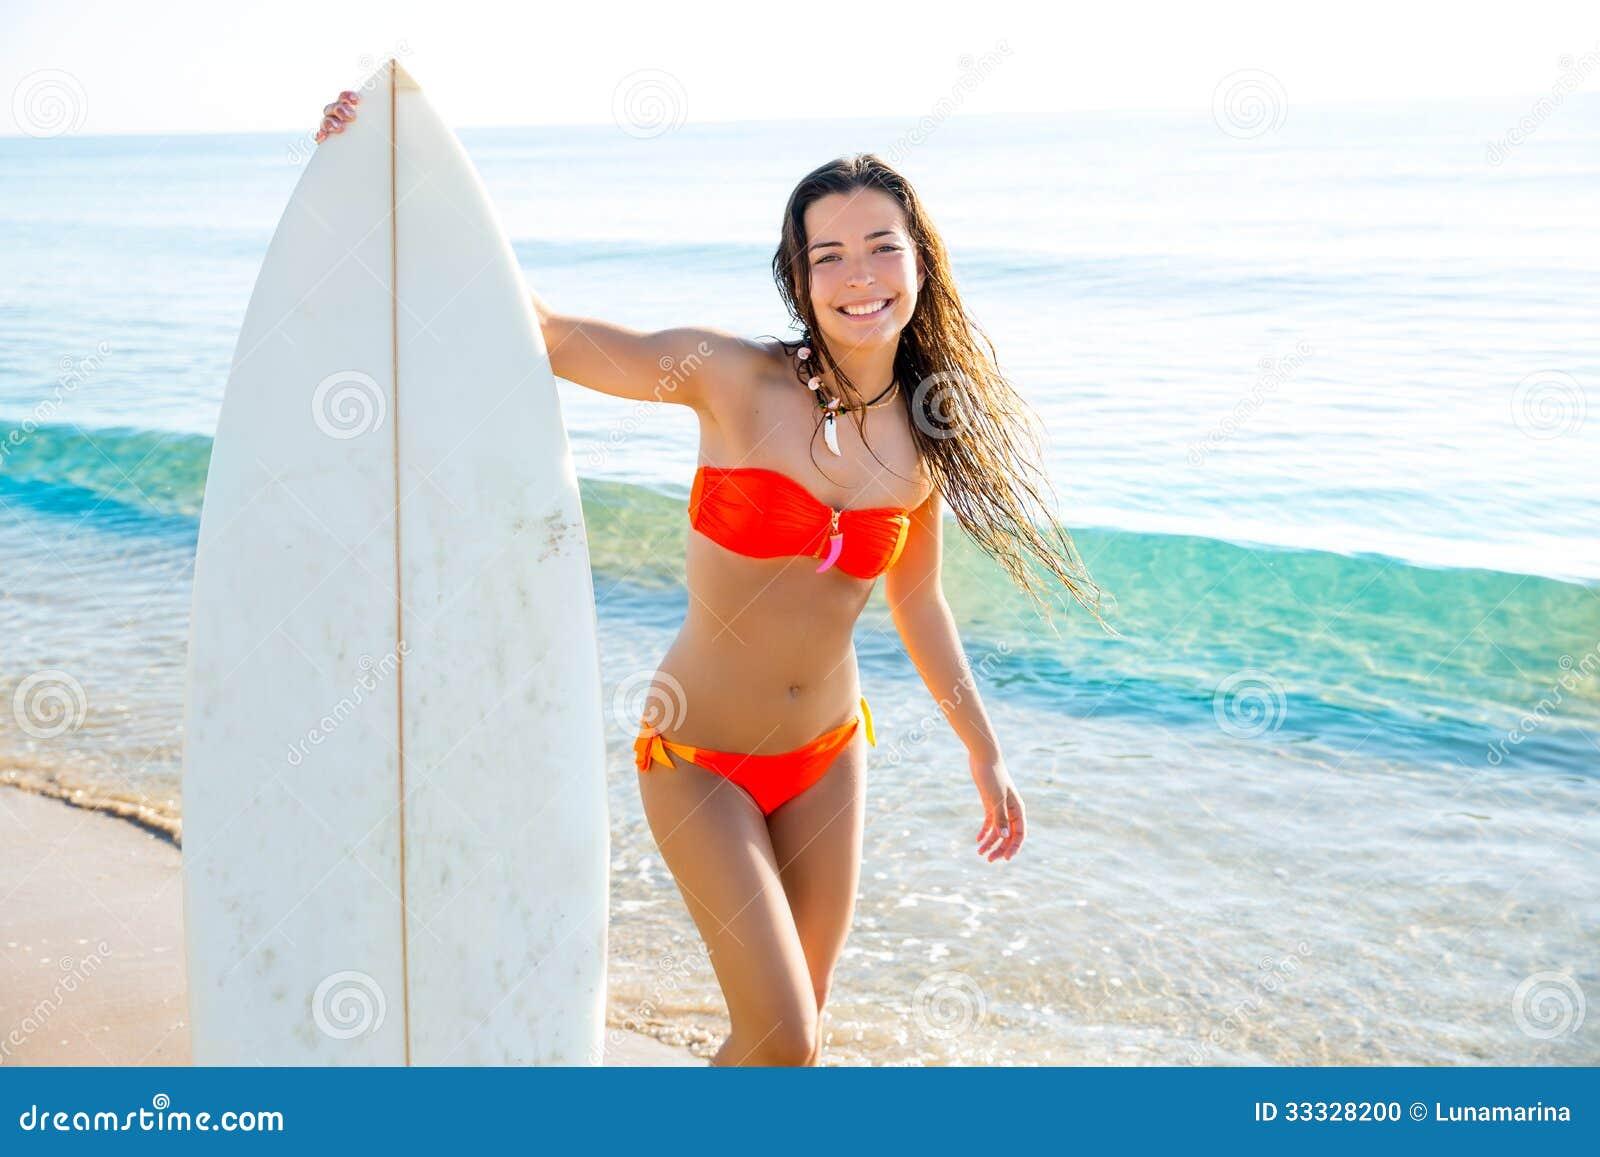 Photos pour Teen bikini, Images de Teen bikini libres de